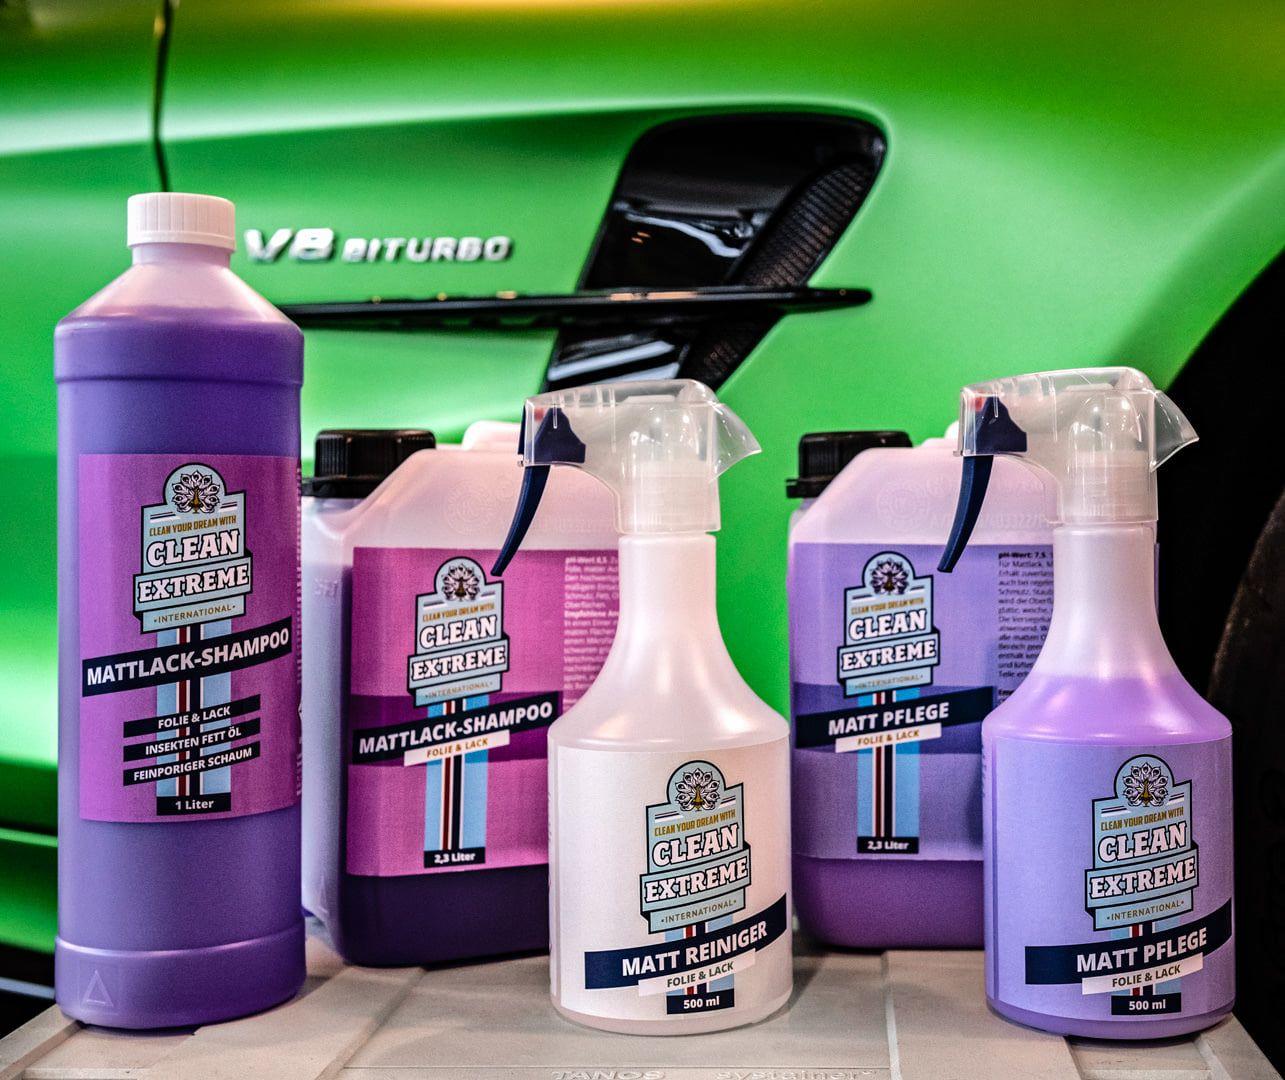 Cleanextreme Autopflege Online Shop Cleanextreme Autopflege Online Shop Fahrzeugpflege Pflege Lackpflege